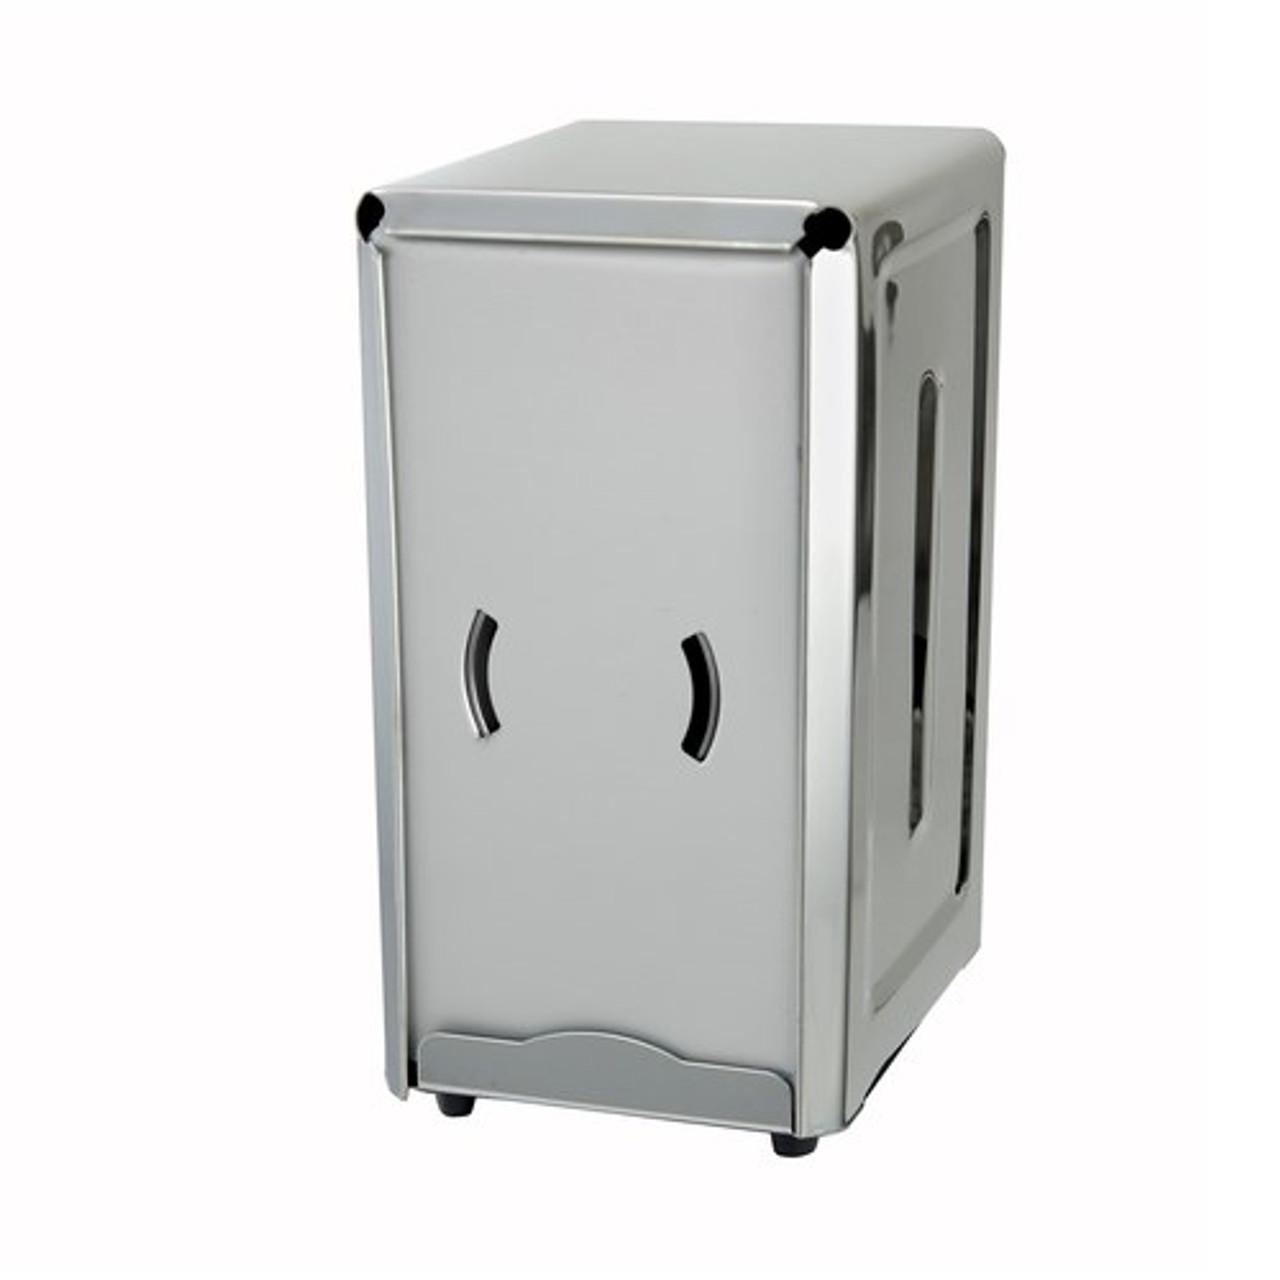 """Napkin Dispenser, holds napkins 3-1/2"""" x 7""""H, full size, 18/0 stainless steel, rubber feet"""